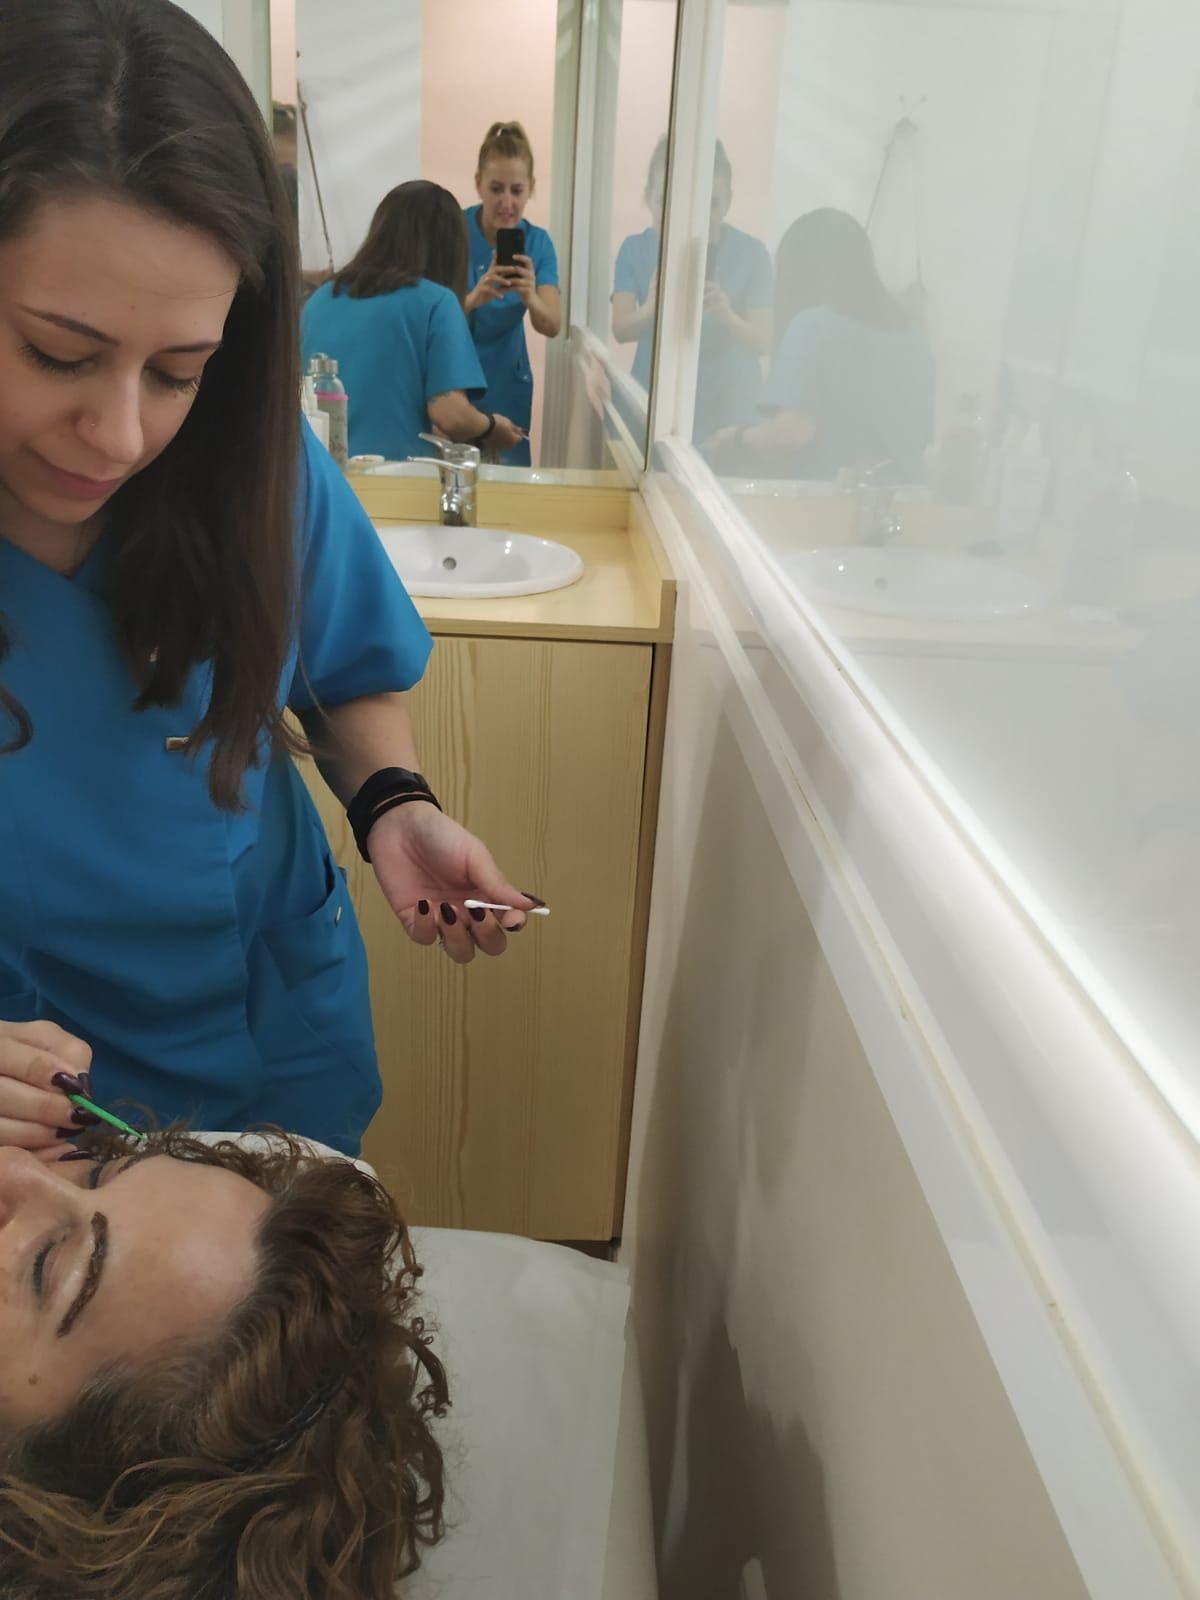 Foto 54 de Centro de bienestar y salud en Antequera | Centro Bienestar y Salud Cayma